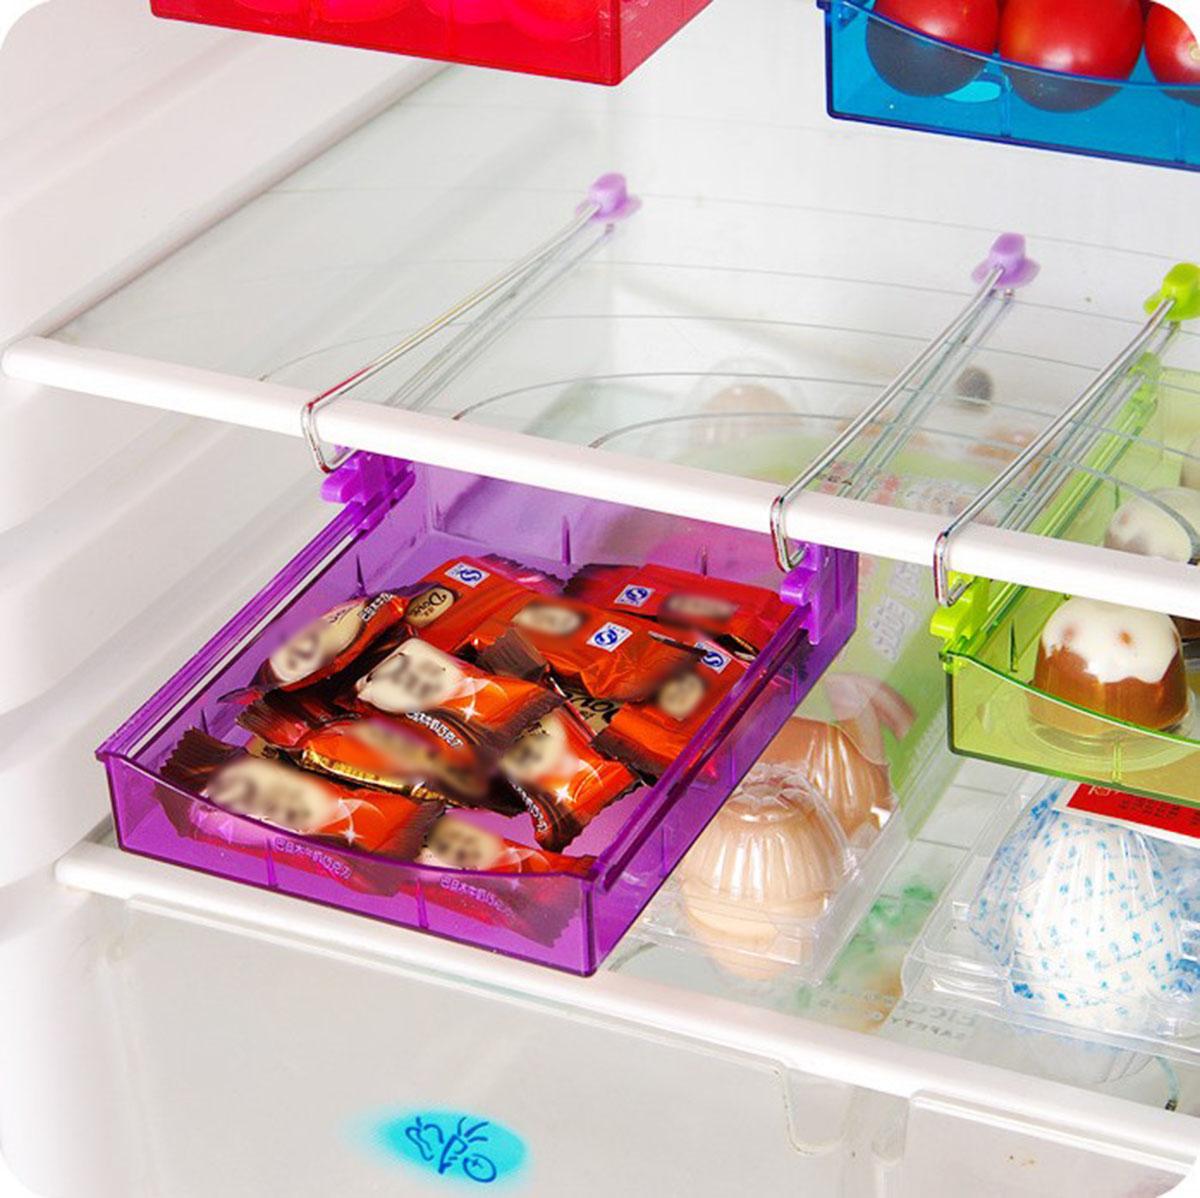 Fridge Space Saver Organizer Slide Under Shelf Rack Home Holder Storage Kitchen